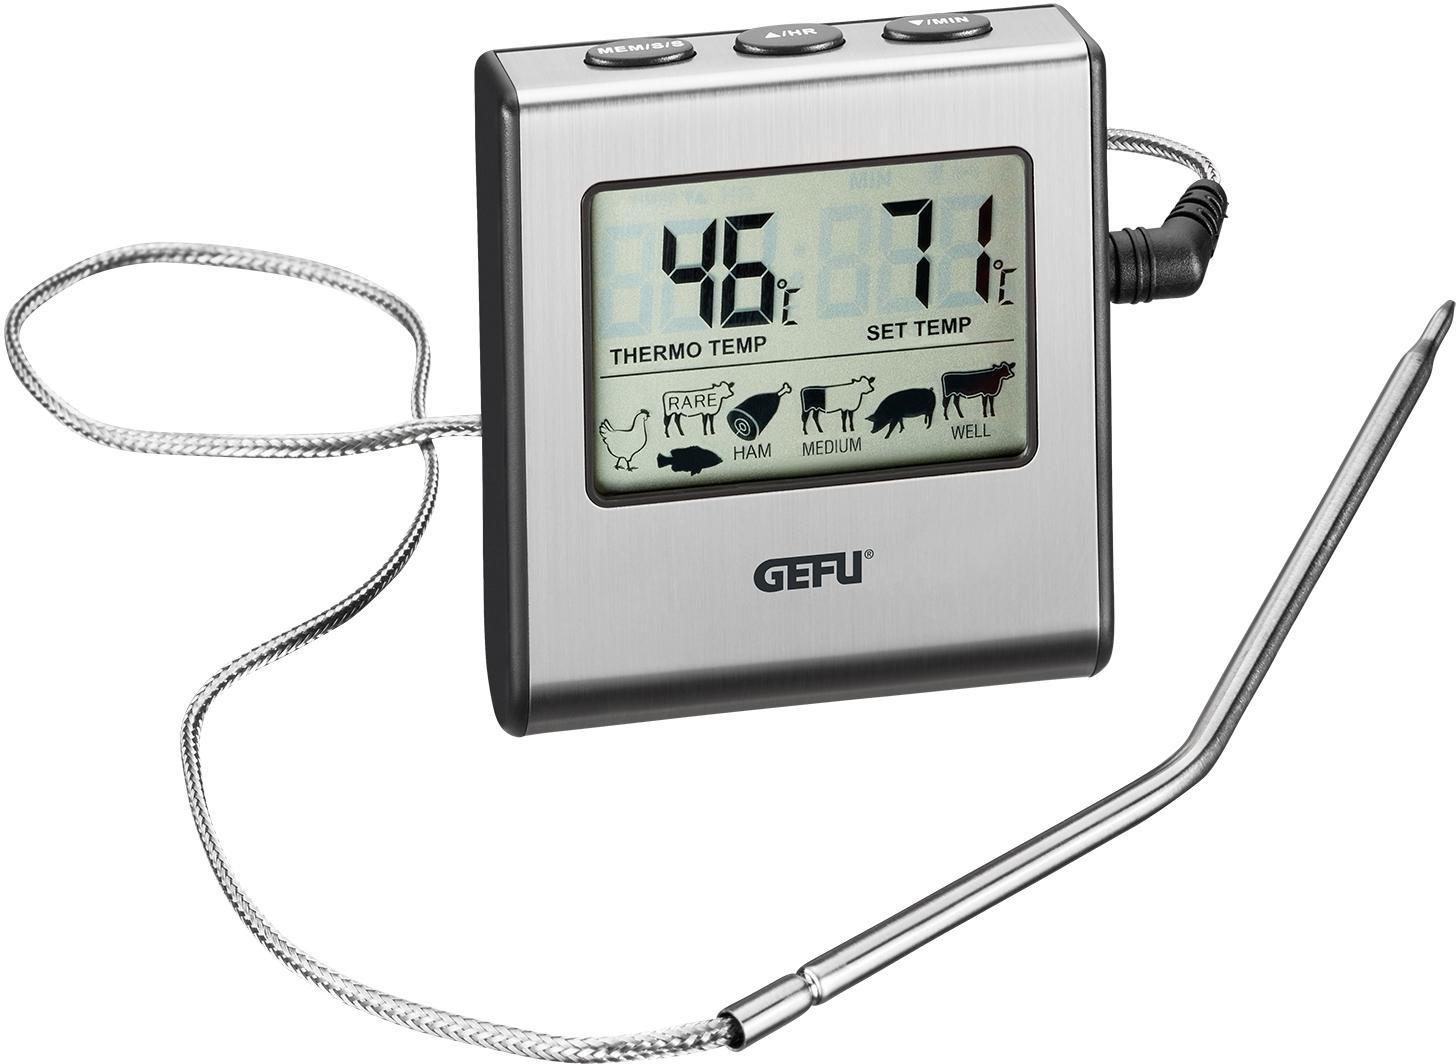 GEFU braadthermometer TEMPERE digitaal nu online kopen bij OTTO